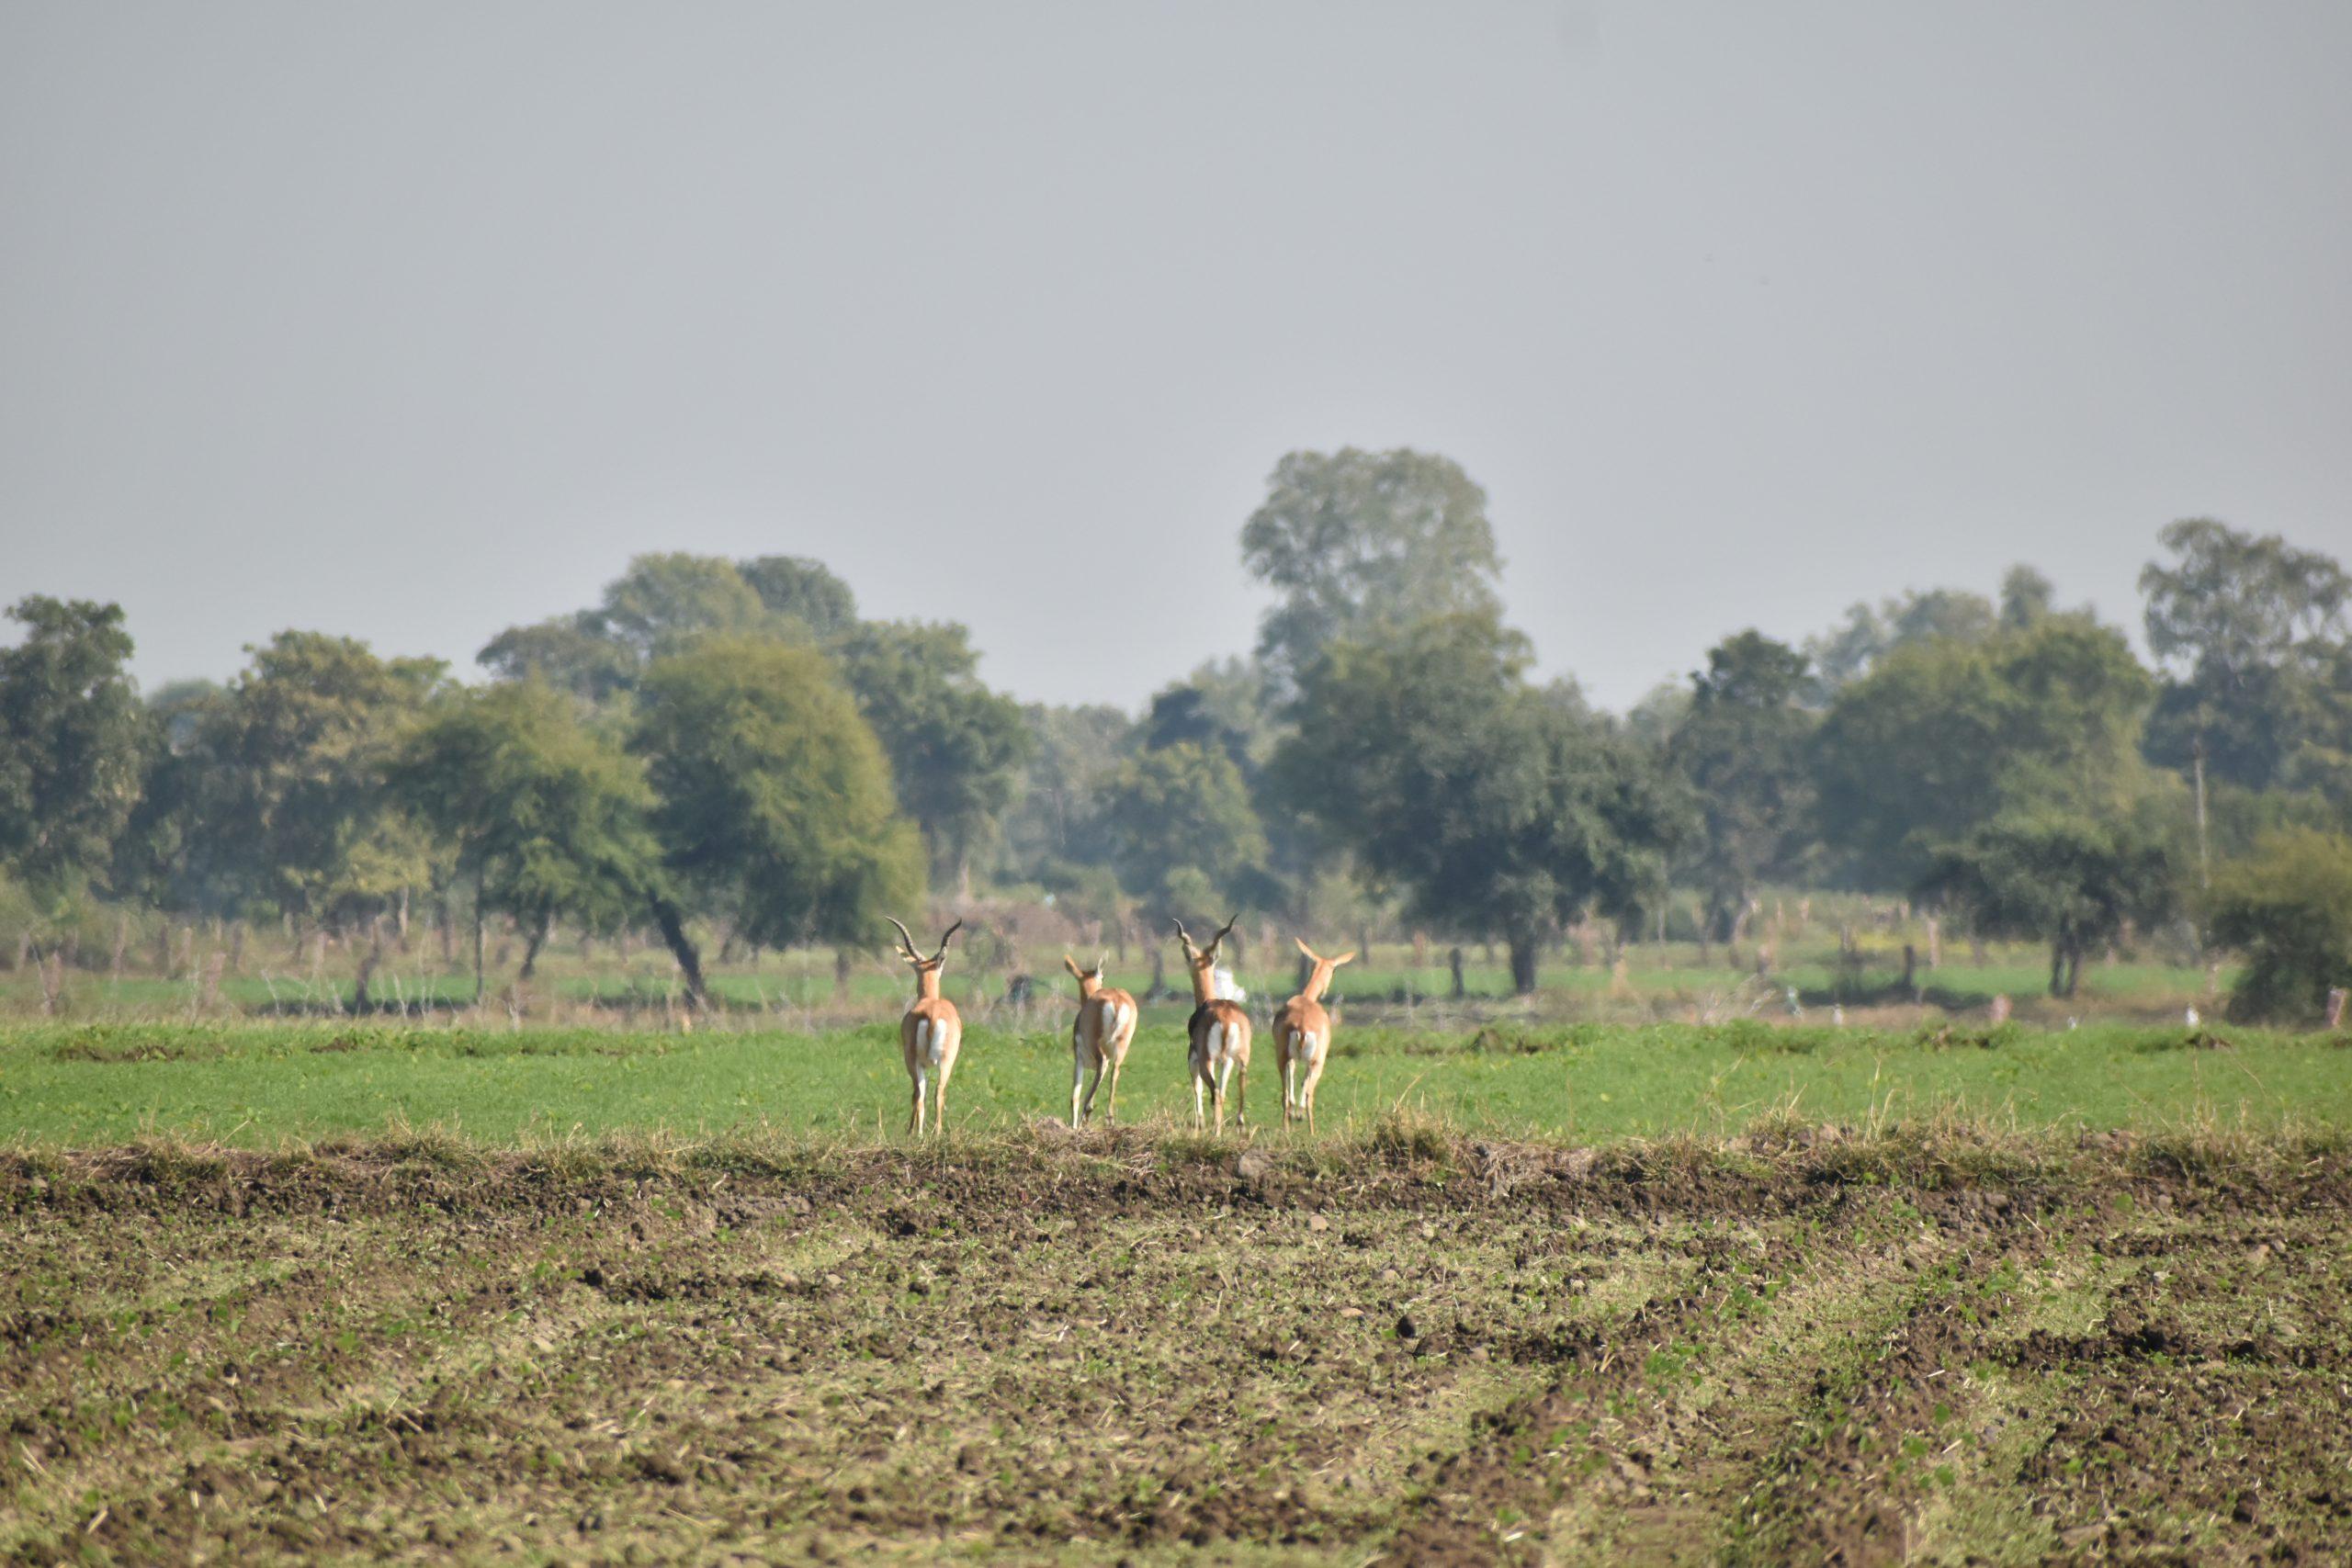 Deer walking on agriculture land